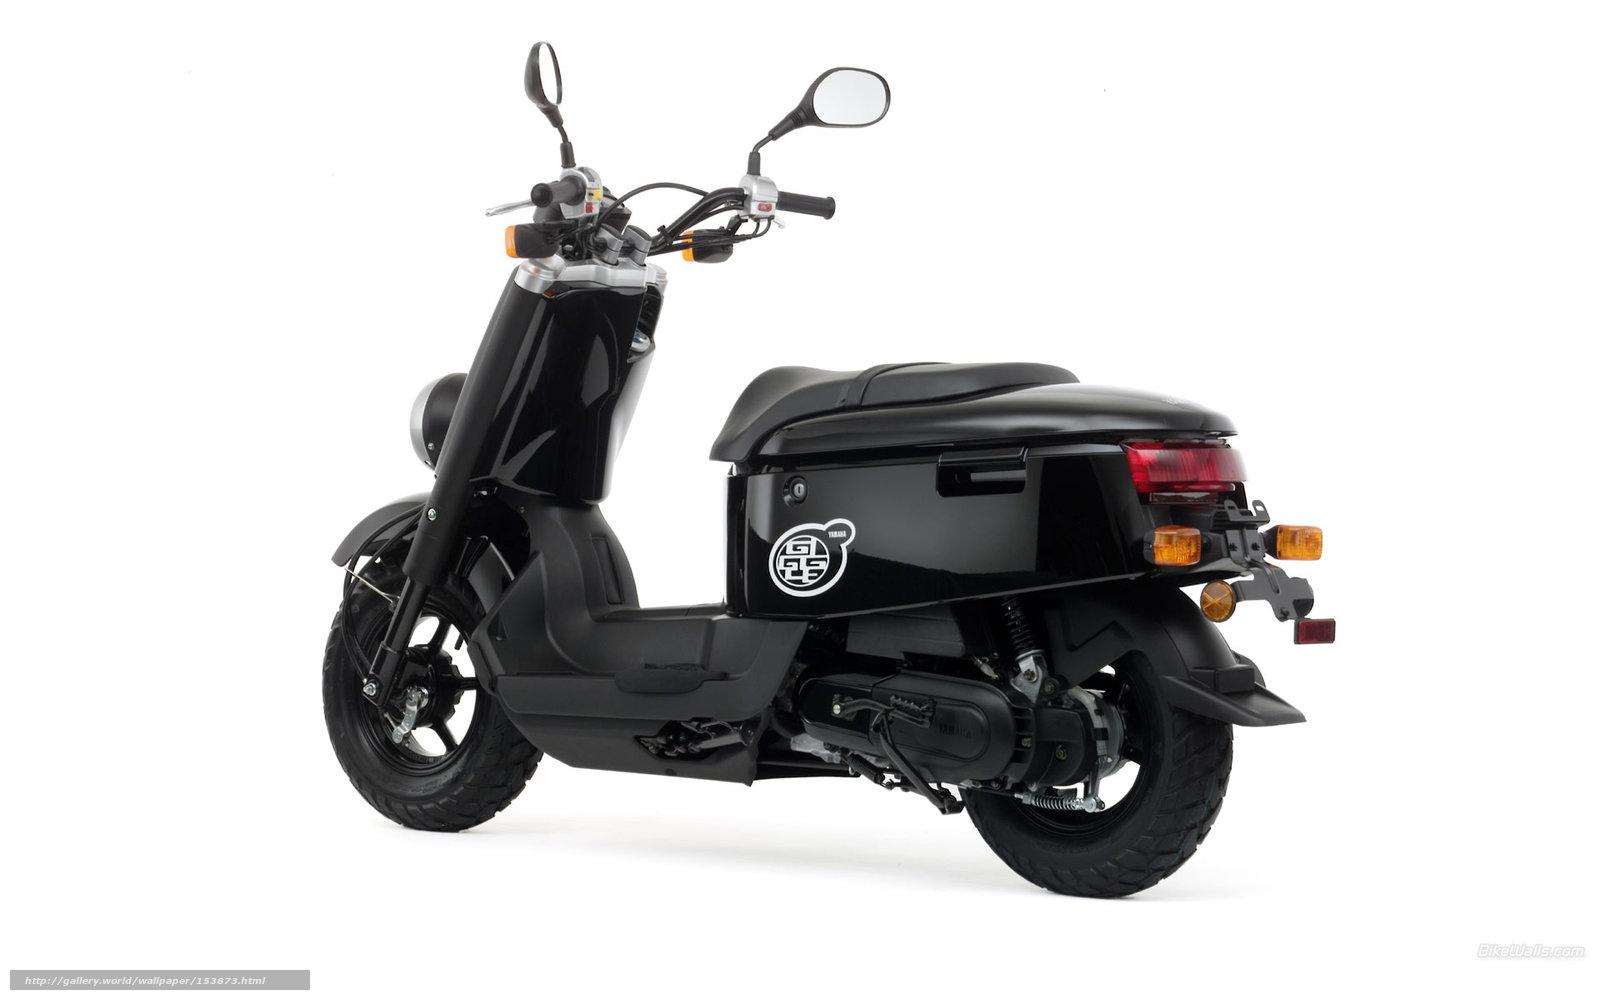 Скачать обои Yamaha,  Scooter,  Giggle,  Giggle 2008 бесплатно для рабочего стола в разрешении 1920x1200 — картинка №153873